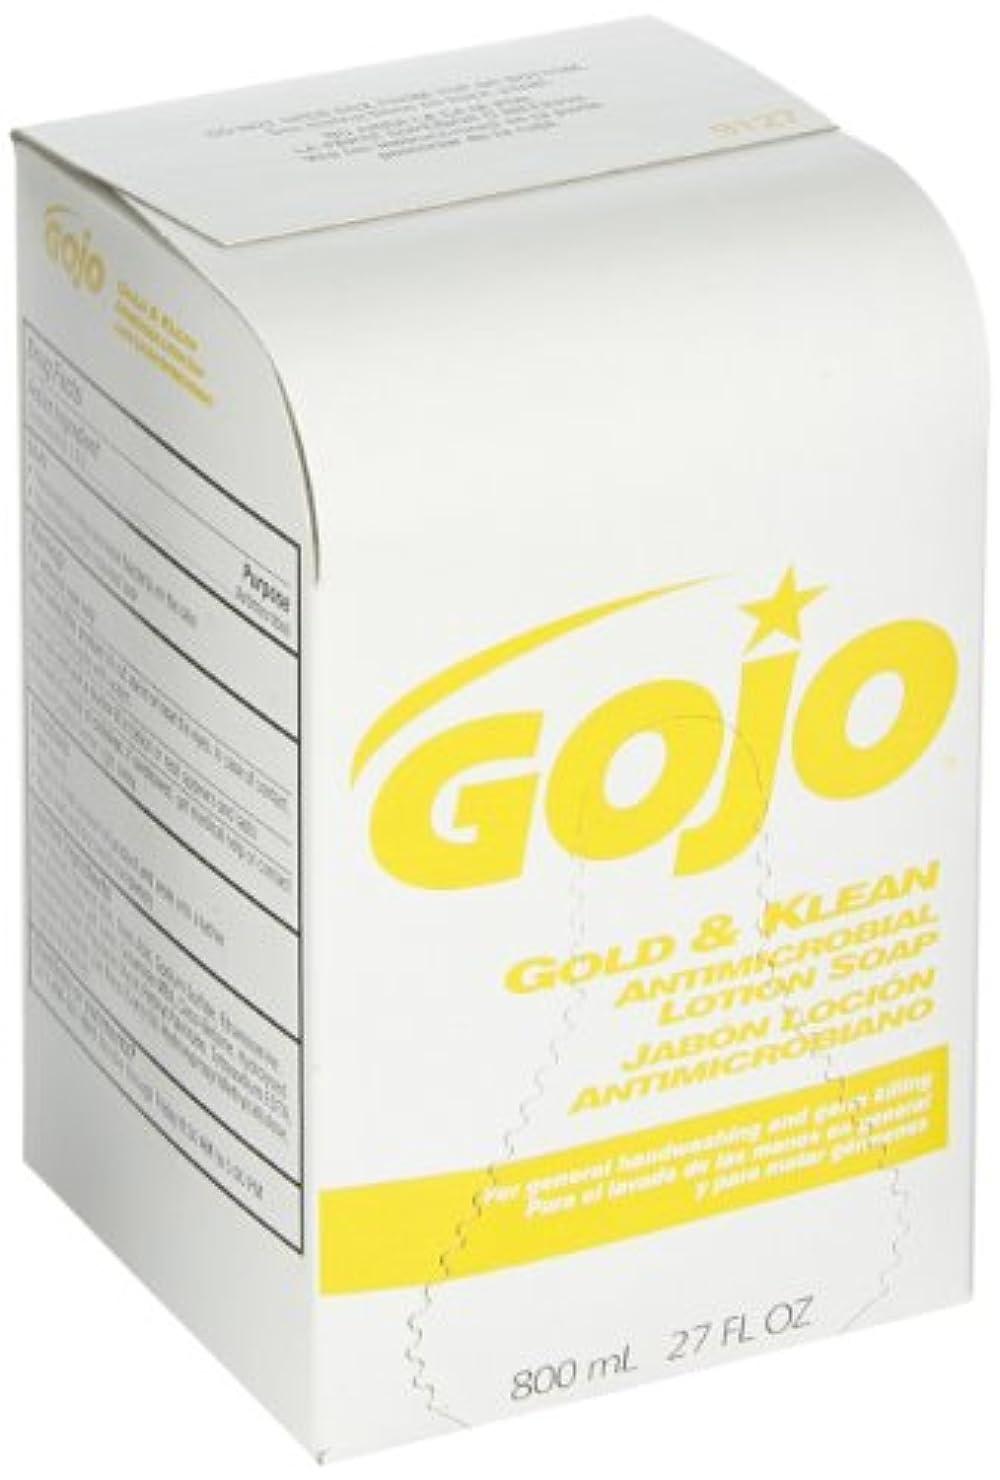 聖歌ブルームフォローゴールド& KleanローションSoap bag-in-boxディスペンサー詰め替え、フローラルBalsam、800 ml